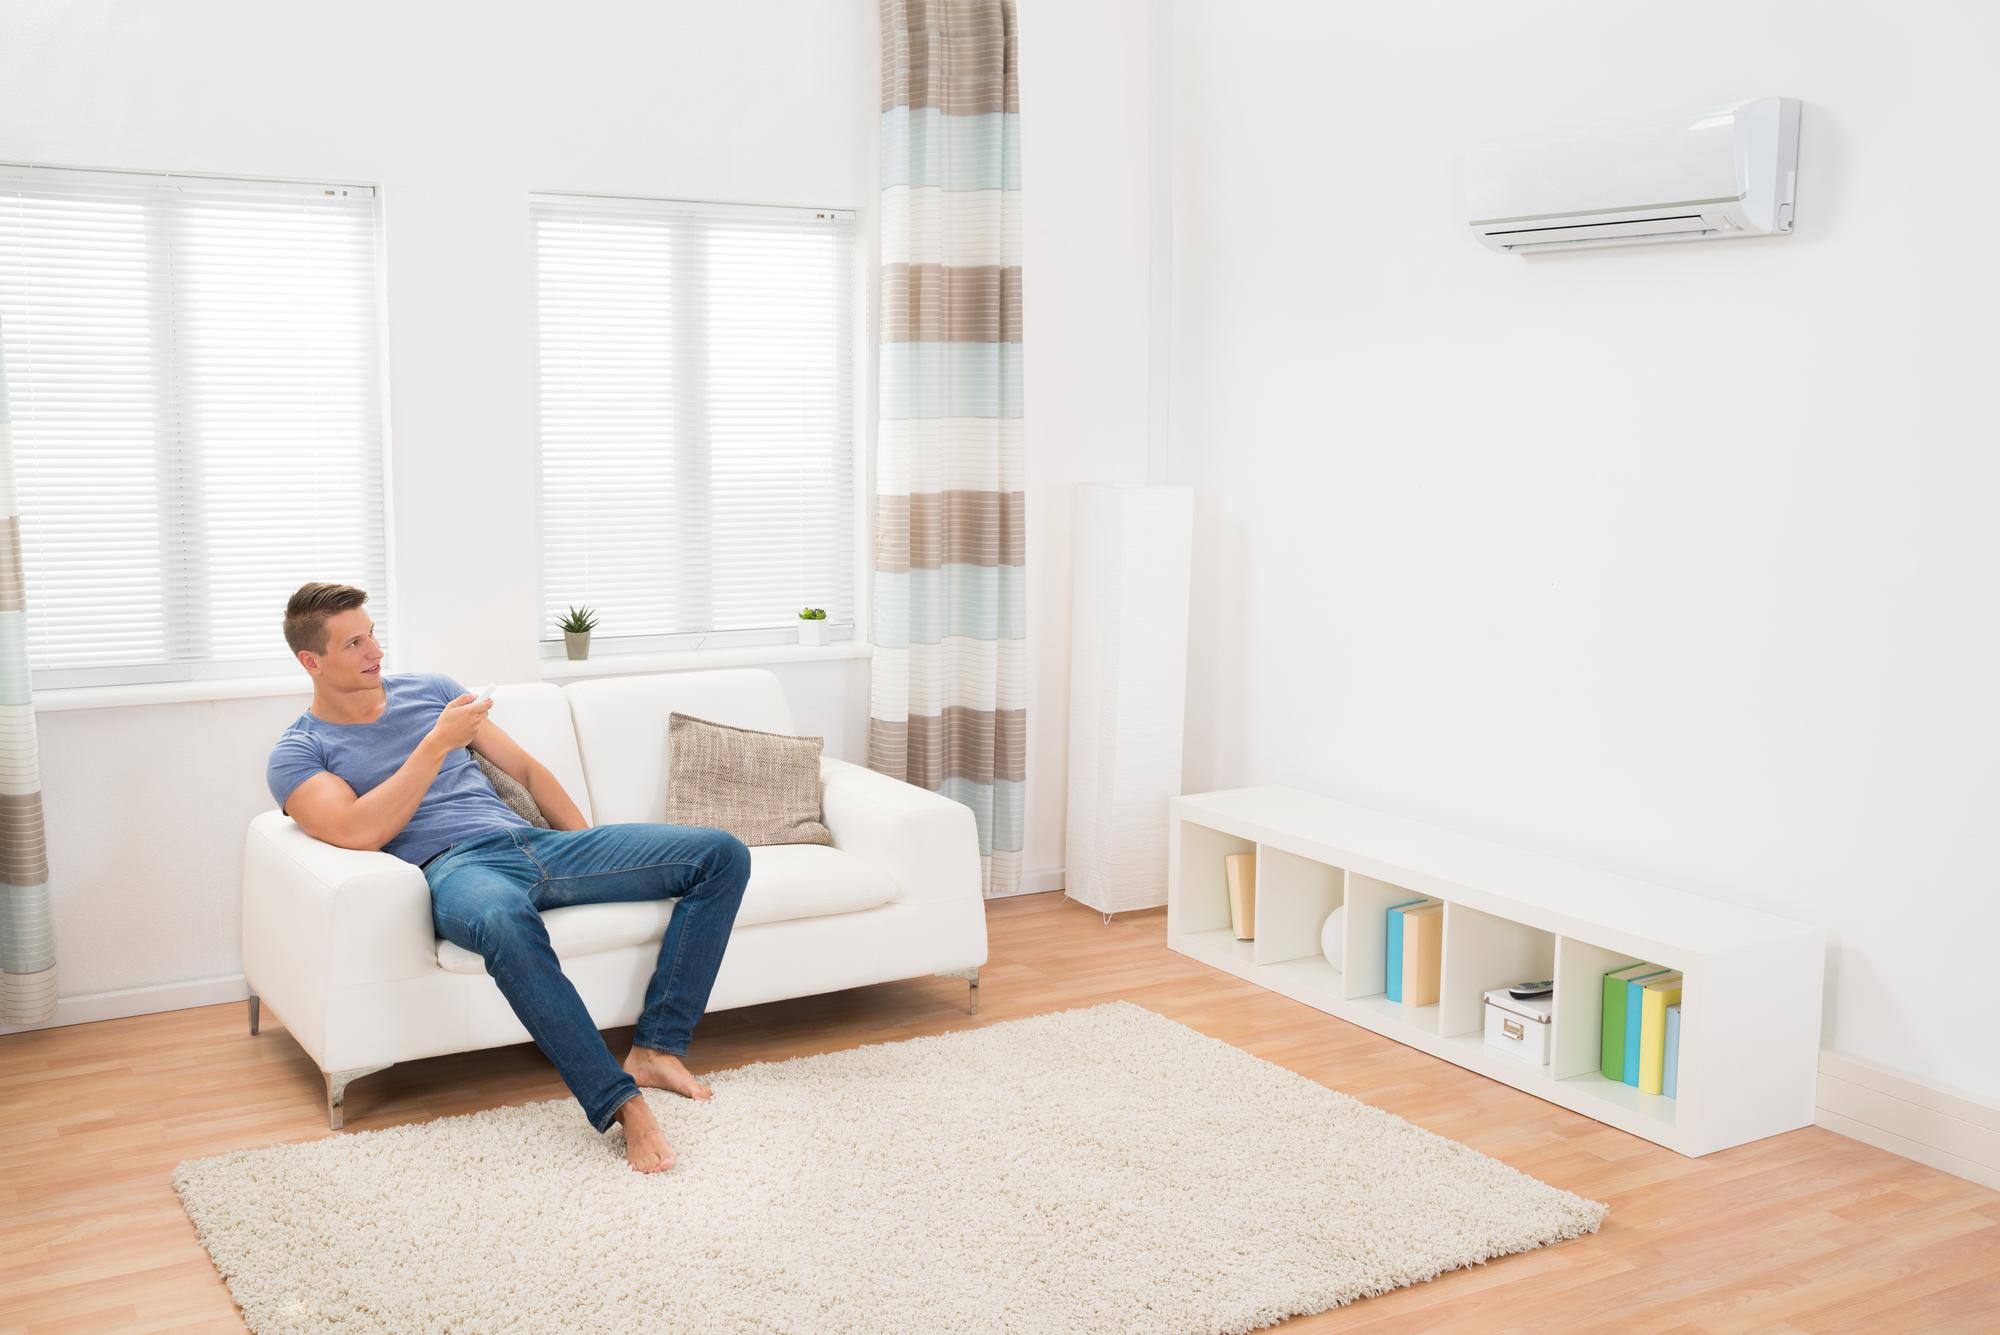 חימום הבית עם מזגן או תנור חימום